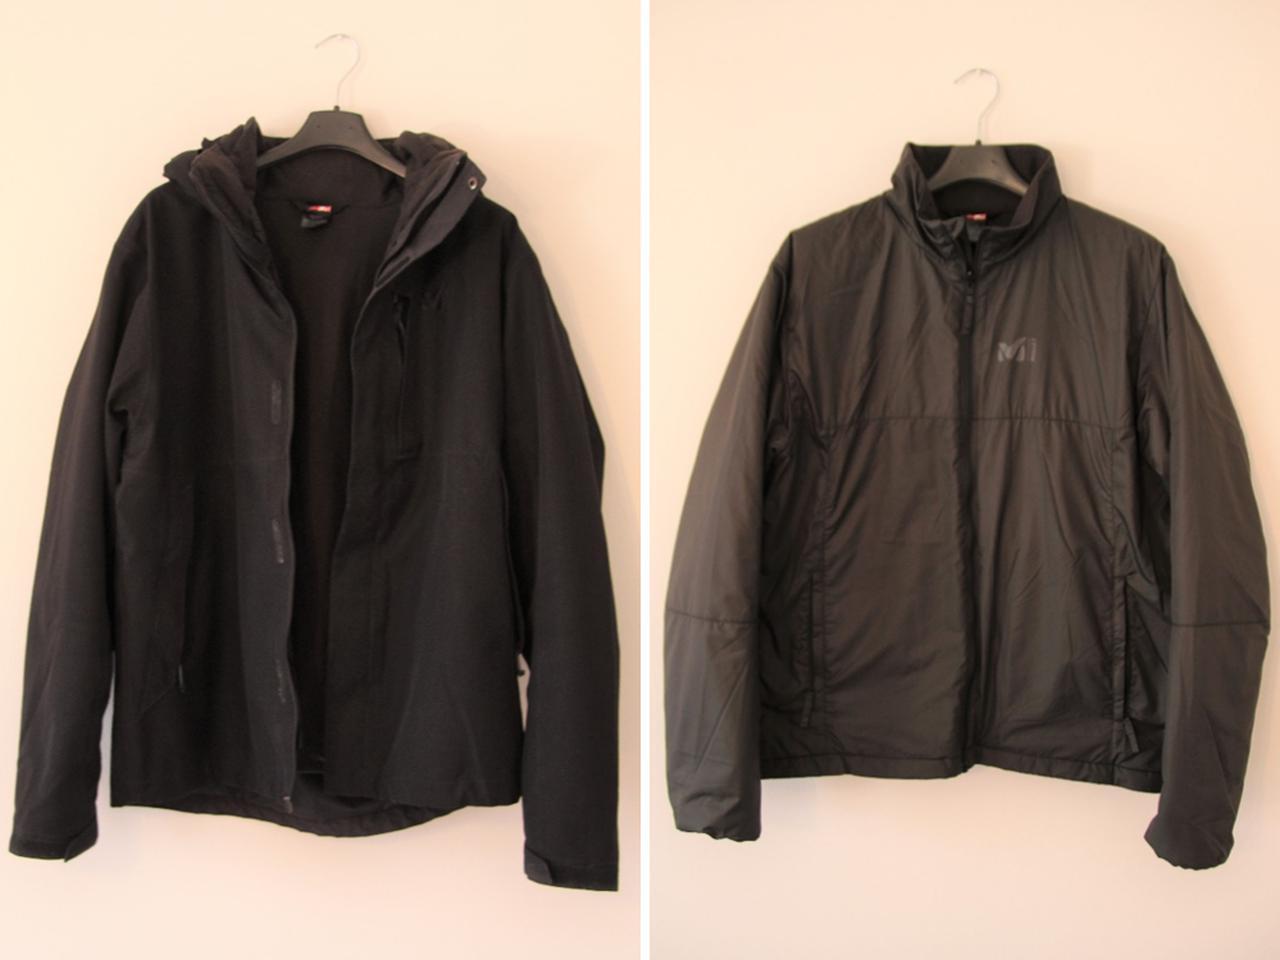 画像: 筆者撮影 ミレーのジャケット(左)から取り出したインナーのジャケット(右)